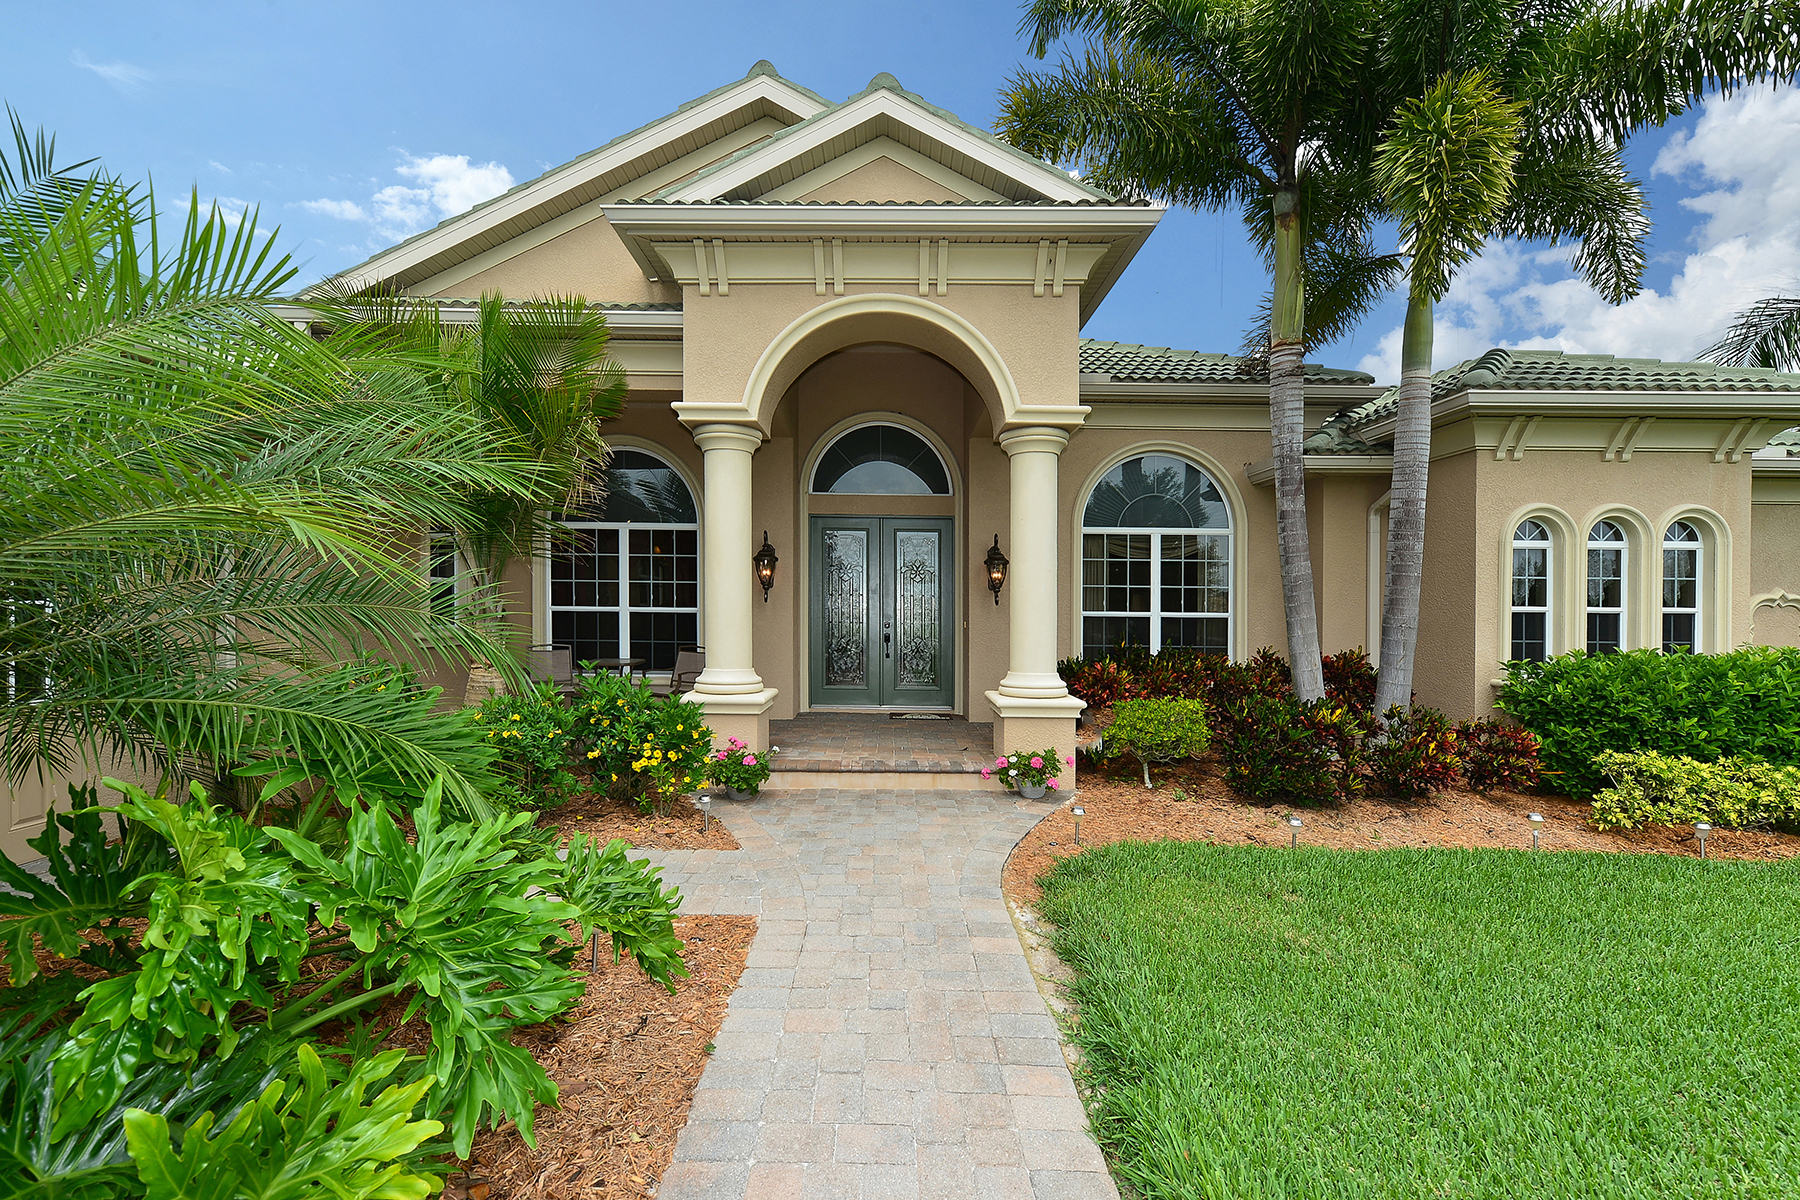 Maison unifamiliale pour l Vente à PRESERVE AT PANTHER RIDGE 22531 Morning Glory Cir Bradenton, Florida 34202 États-Unis